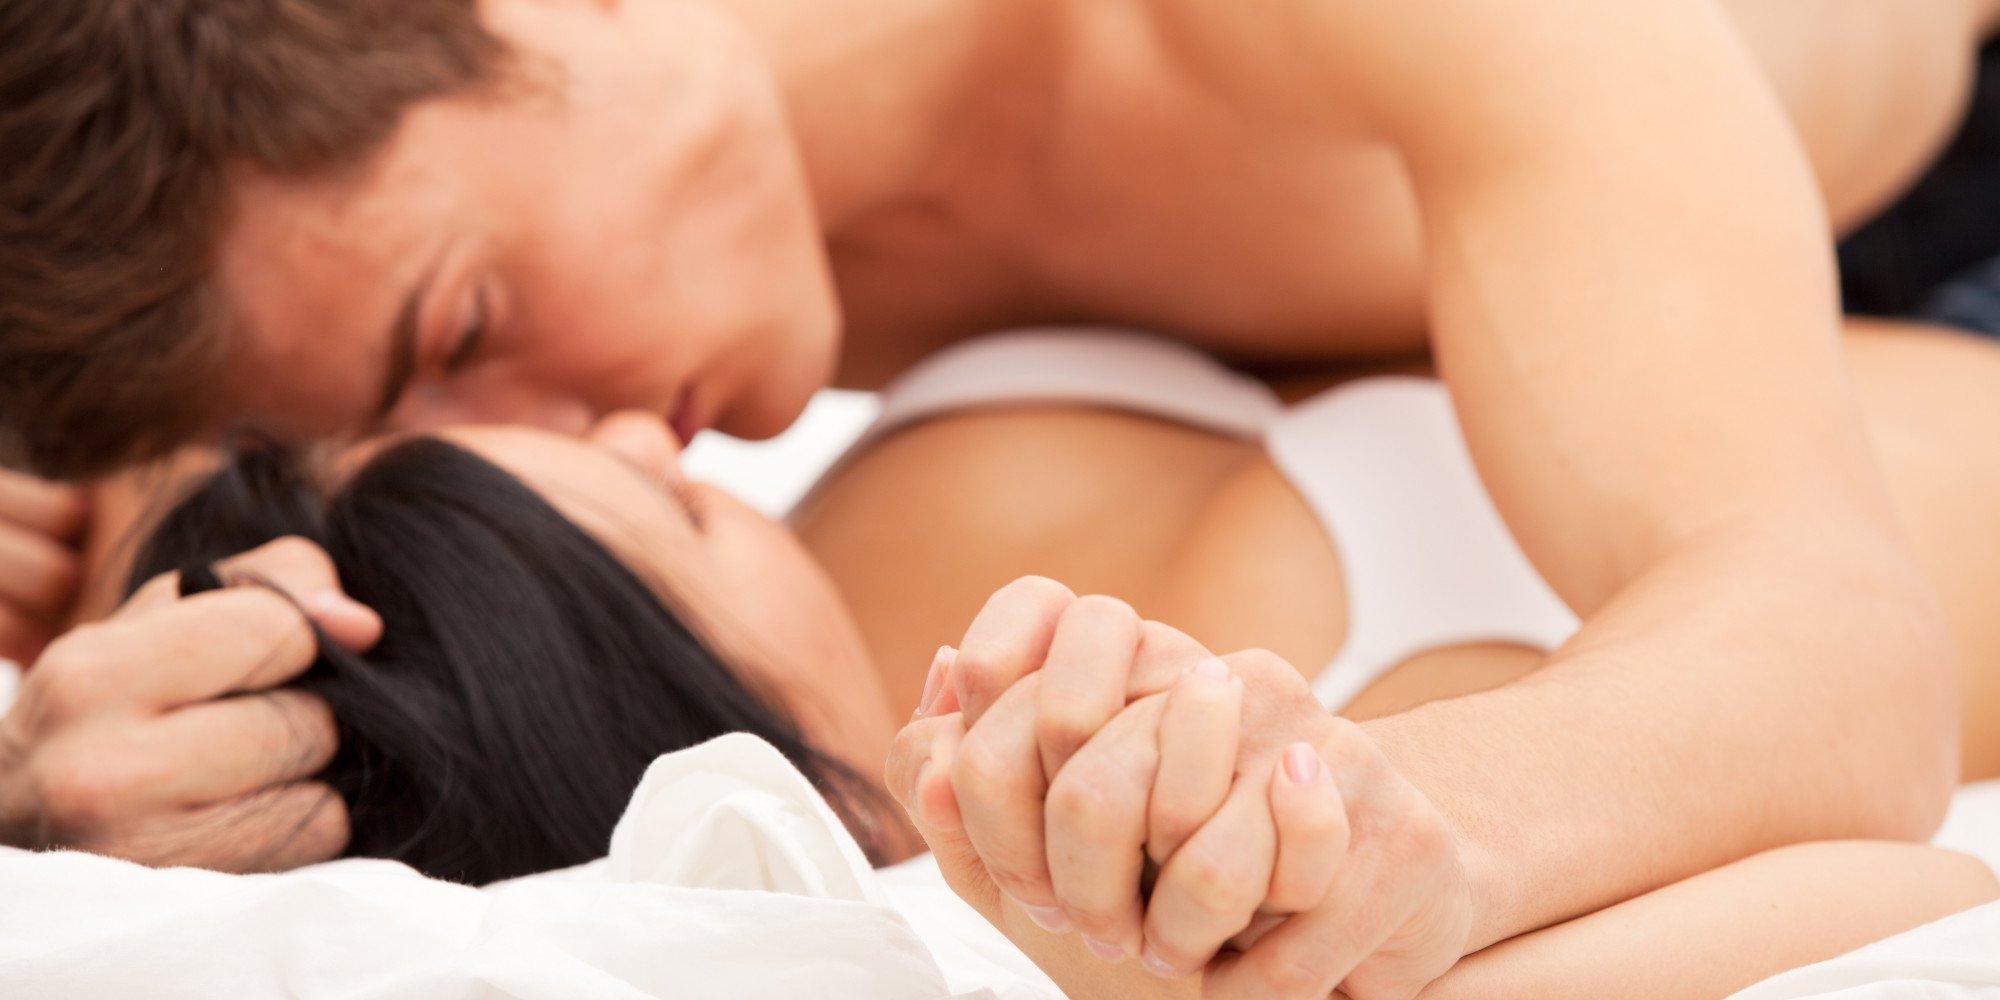 Предложения по одноразовому сексу